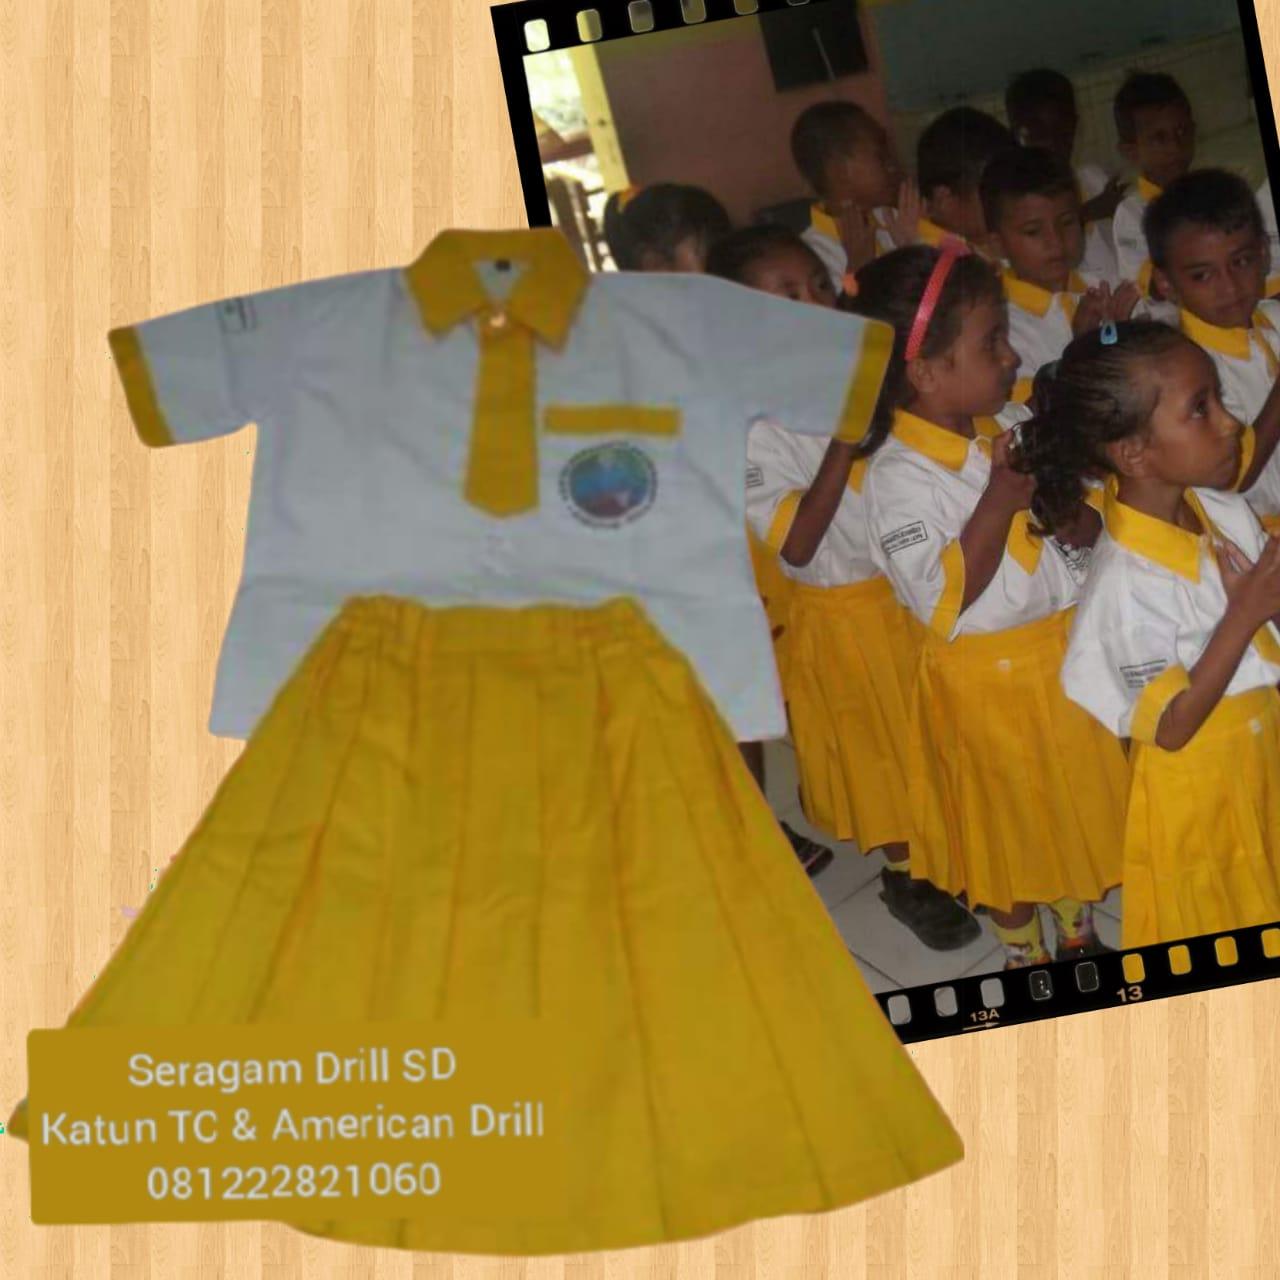 gambar seragam sekolah tk di Dili Timor Leste